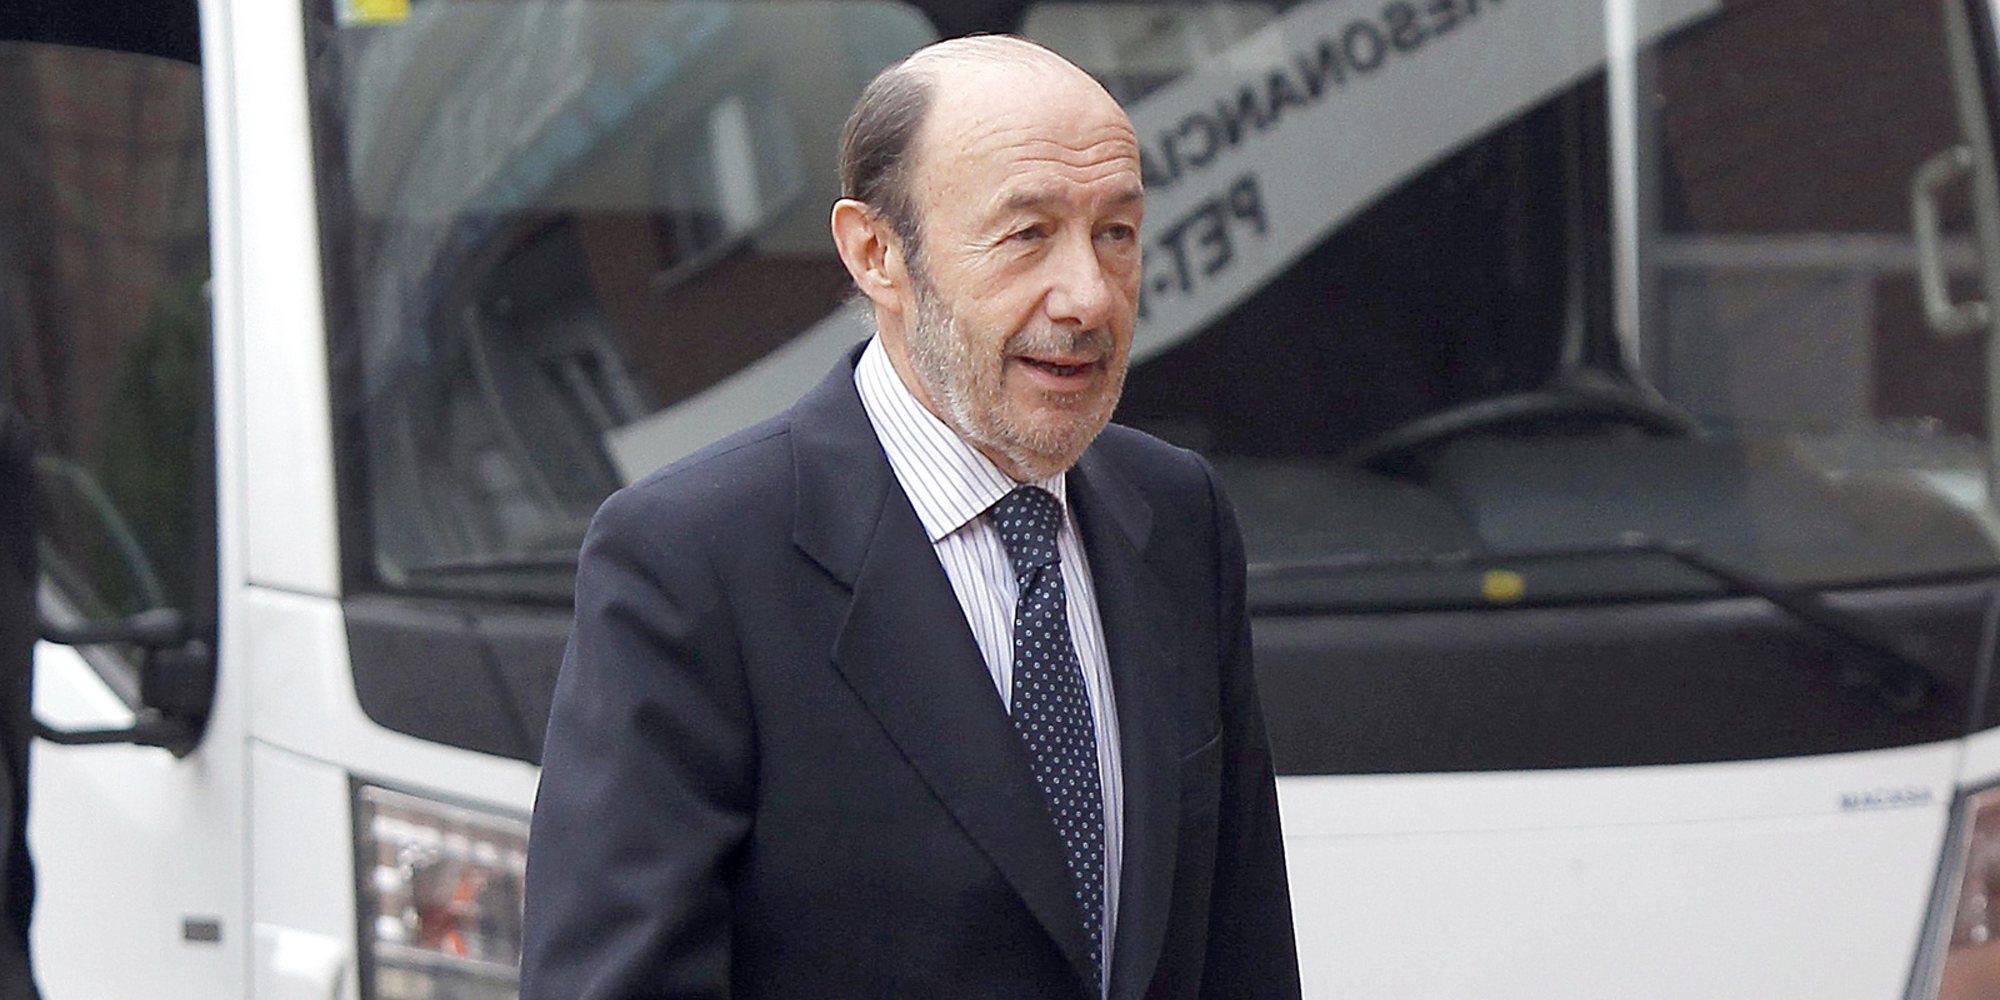 Muere Alfredo Pérez Rubalcaba a los 67 años tras sufrir un ictus